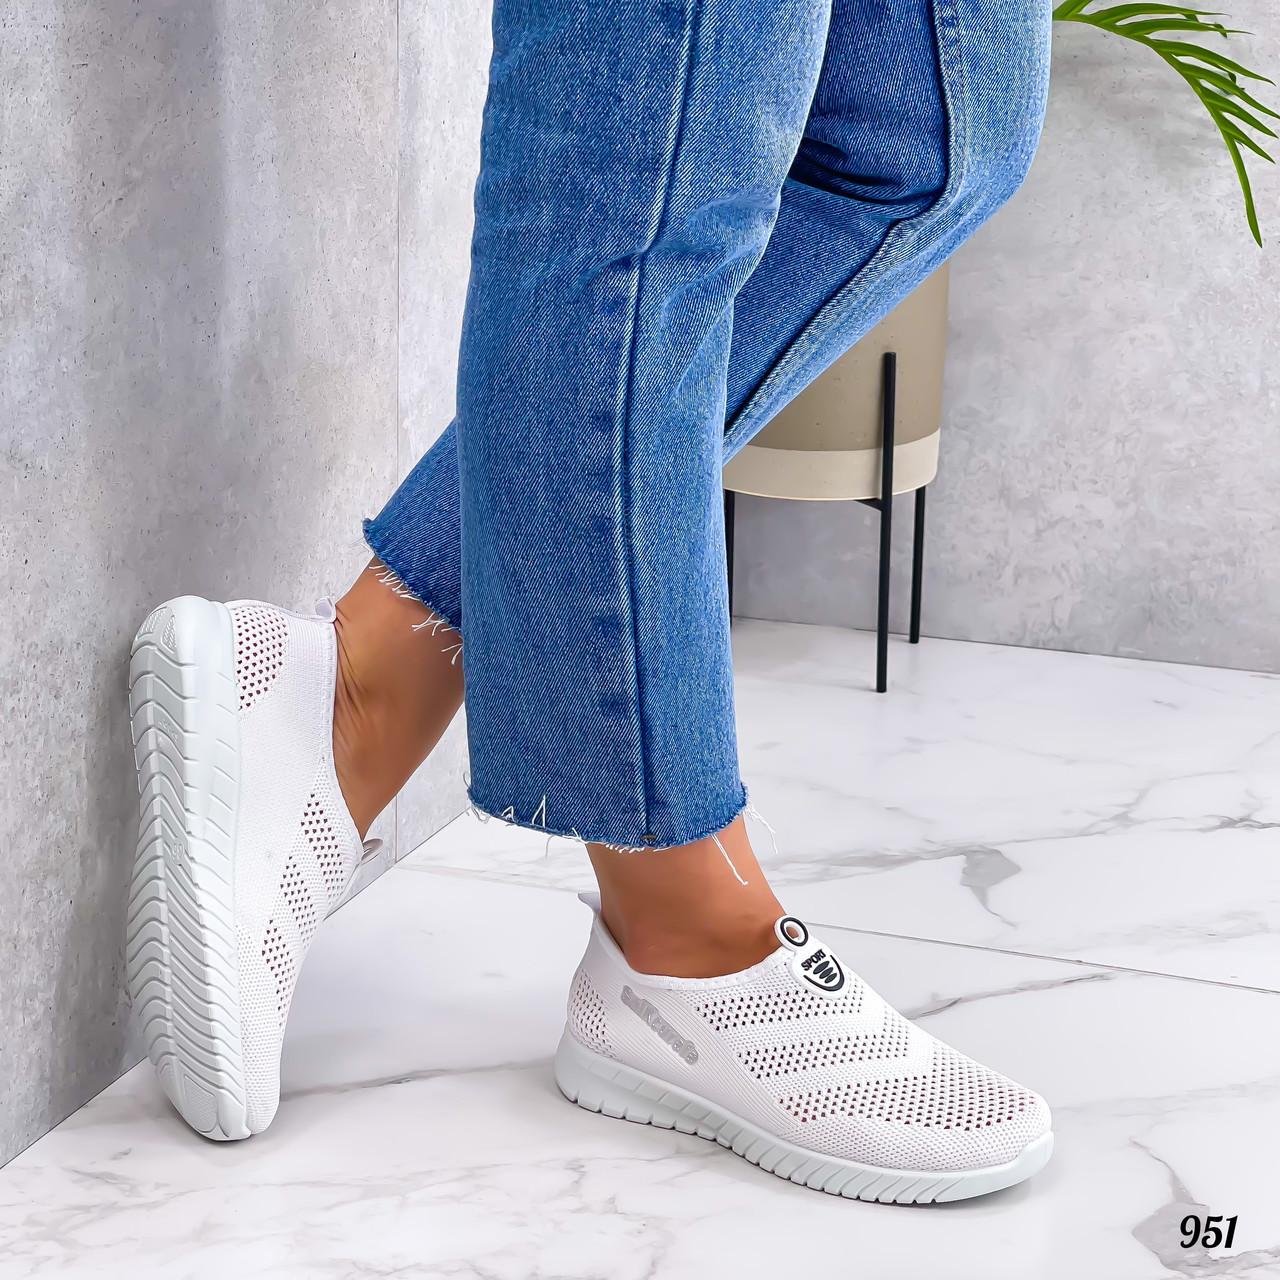 Жіночі кросівки білі без шнурівки текстиль сітка весна-літо-осінь